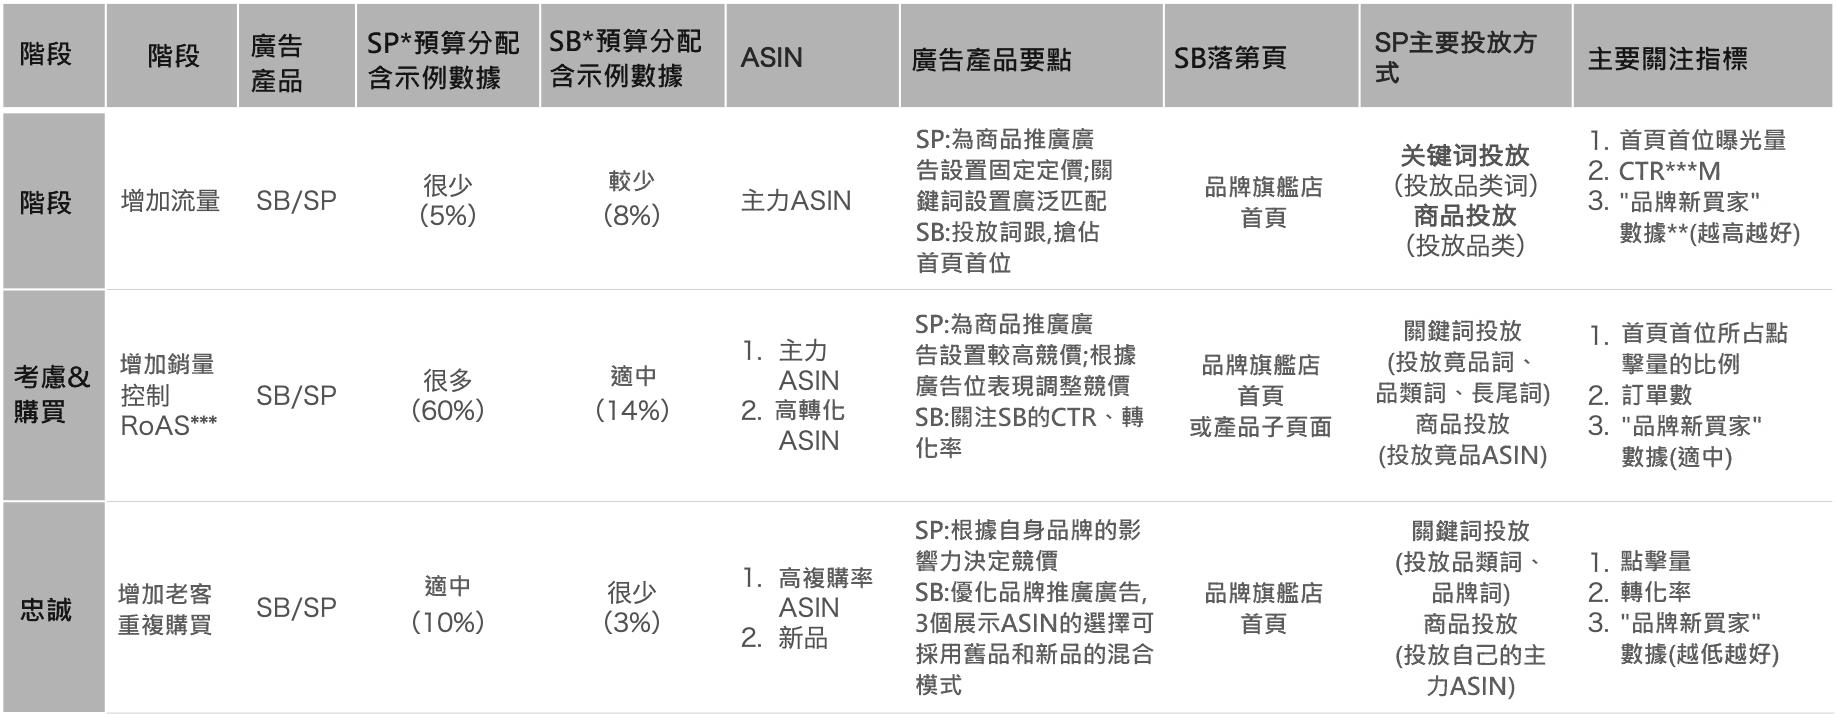 AMZN亚马逊SP、SB广告攻略-卖家全年稳定出货、无淡季节性商品